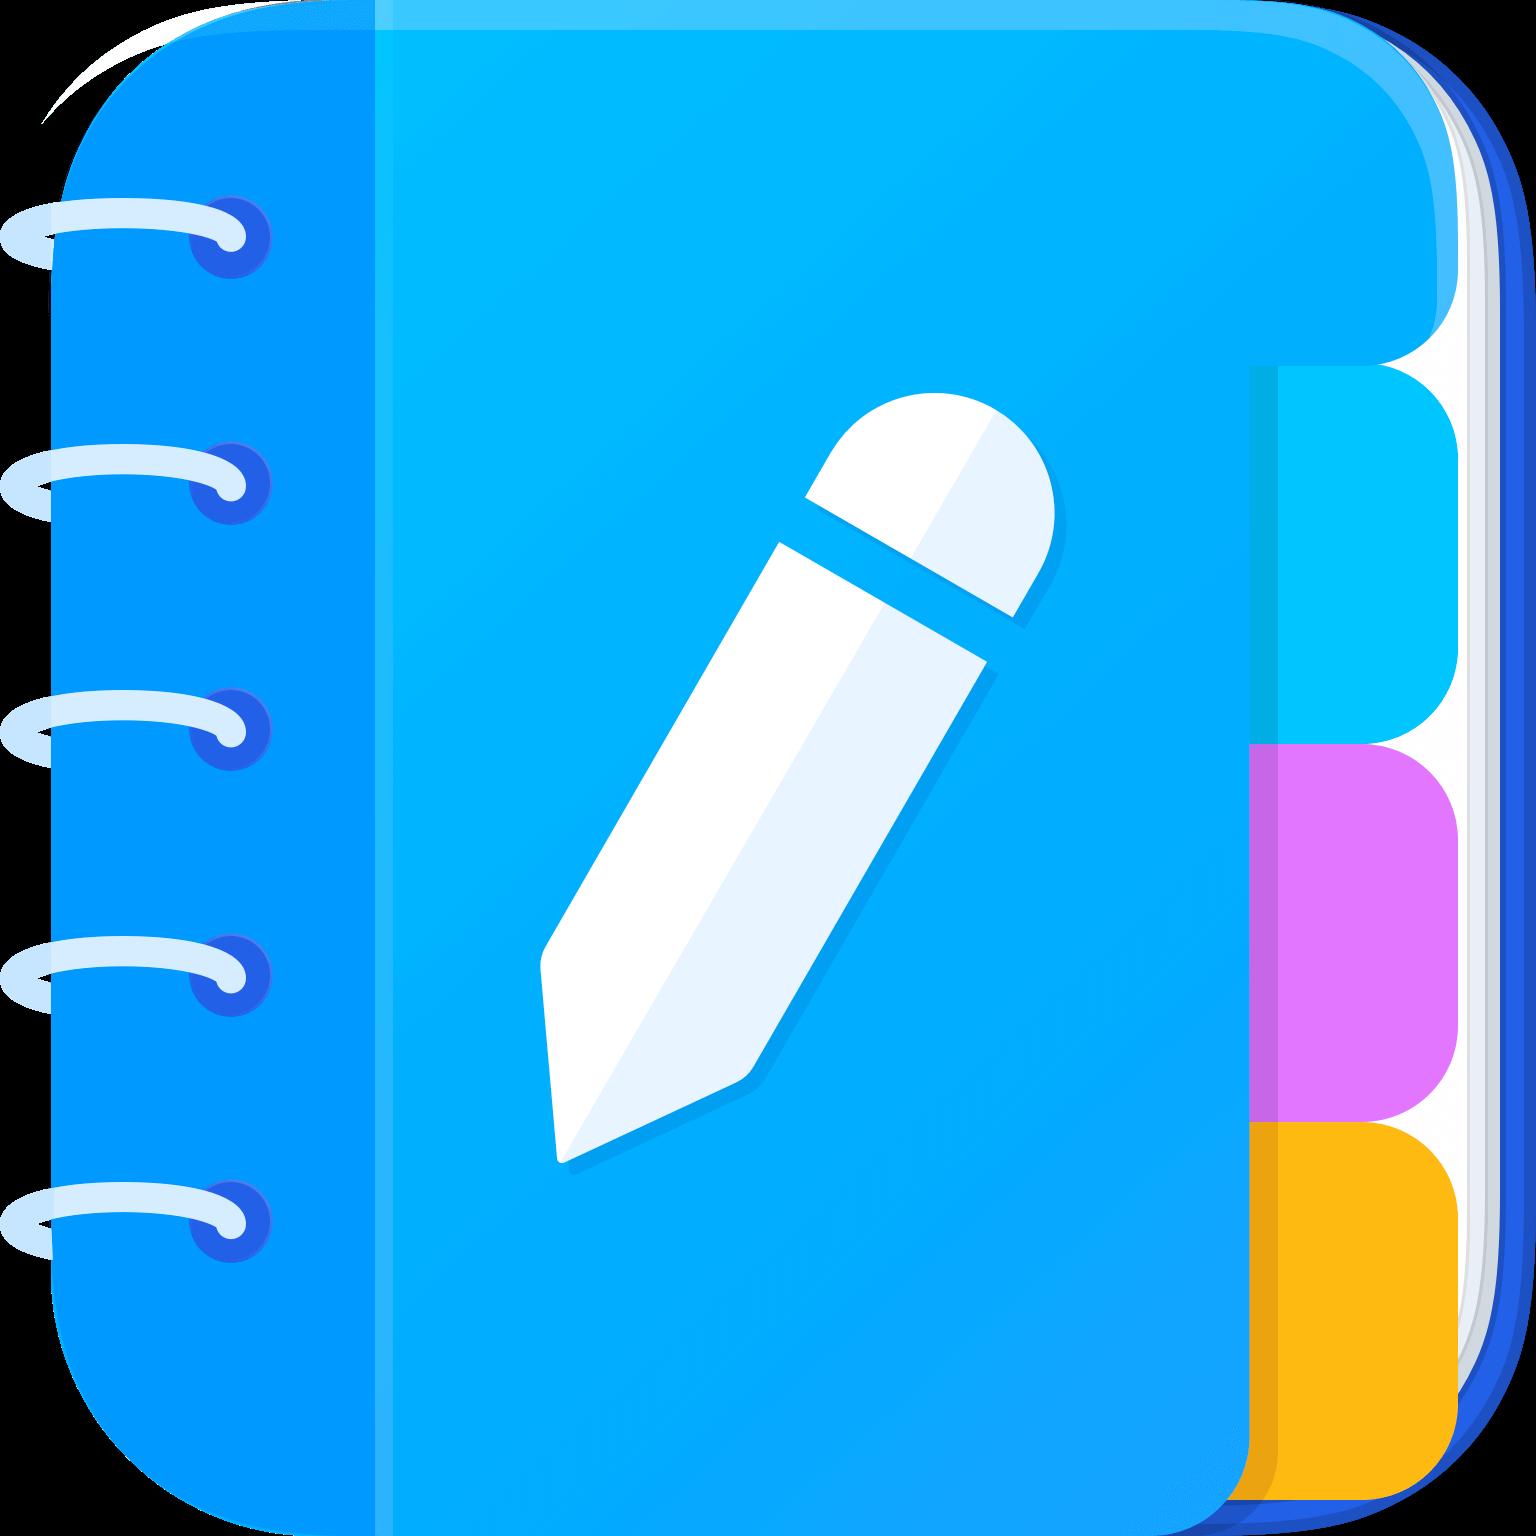 Easy Notes记事本高级版1.0.55.0531 会员免费版